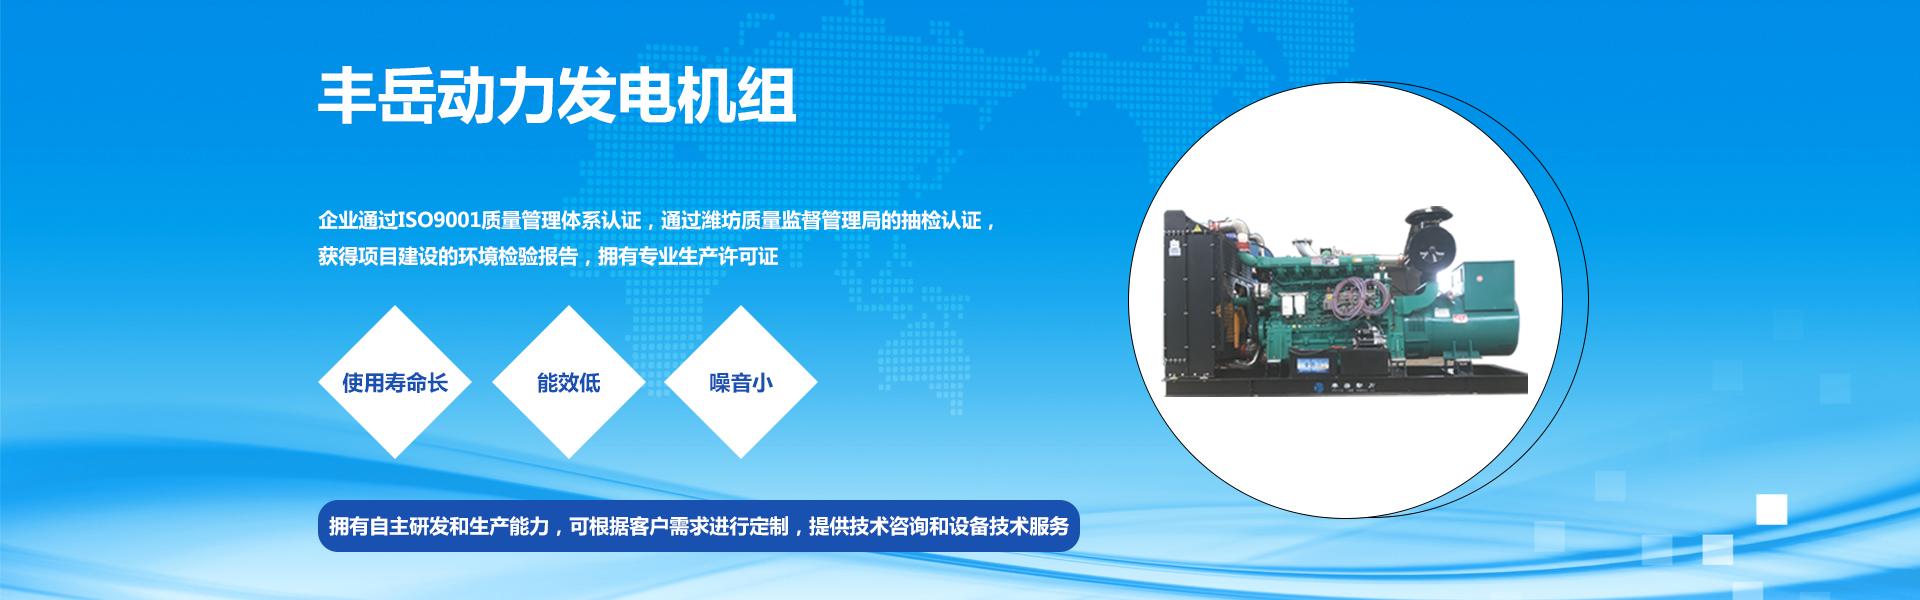 潍坊丰岳机械有限公司